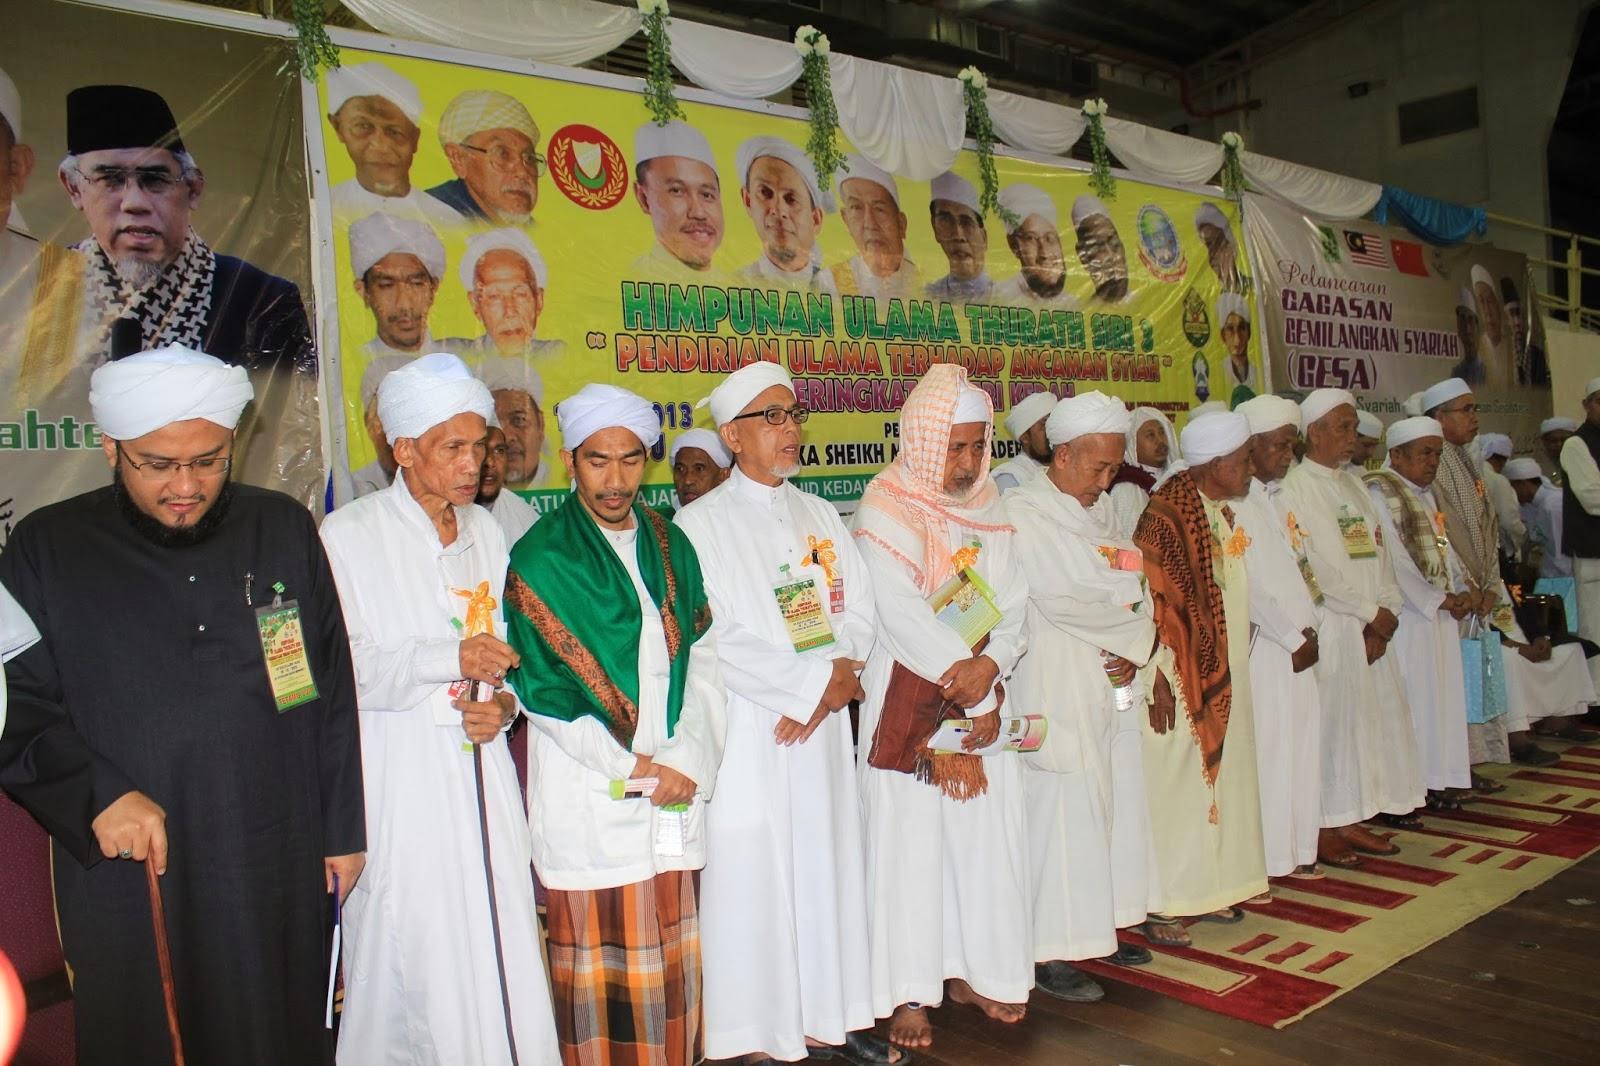 Himpunan Kebangkitan Ulama Ahli Sunnah 19.10.13